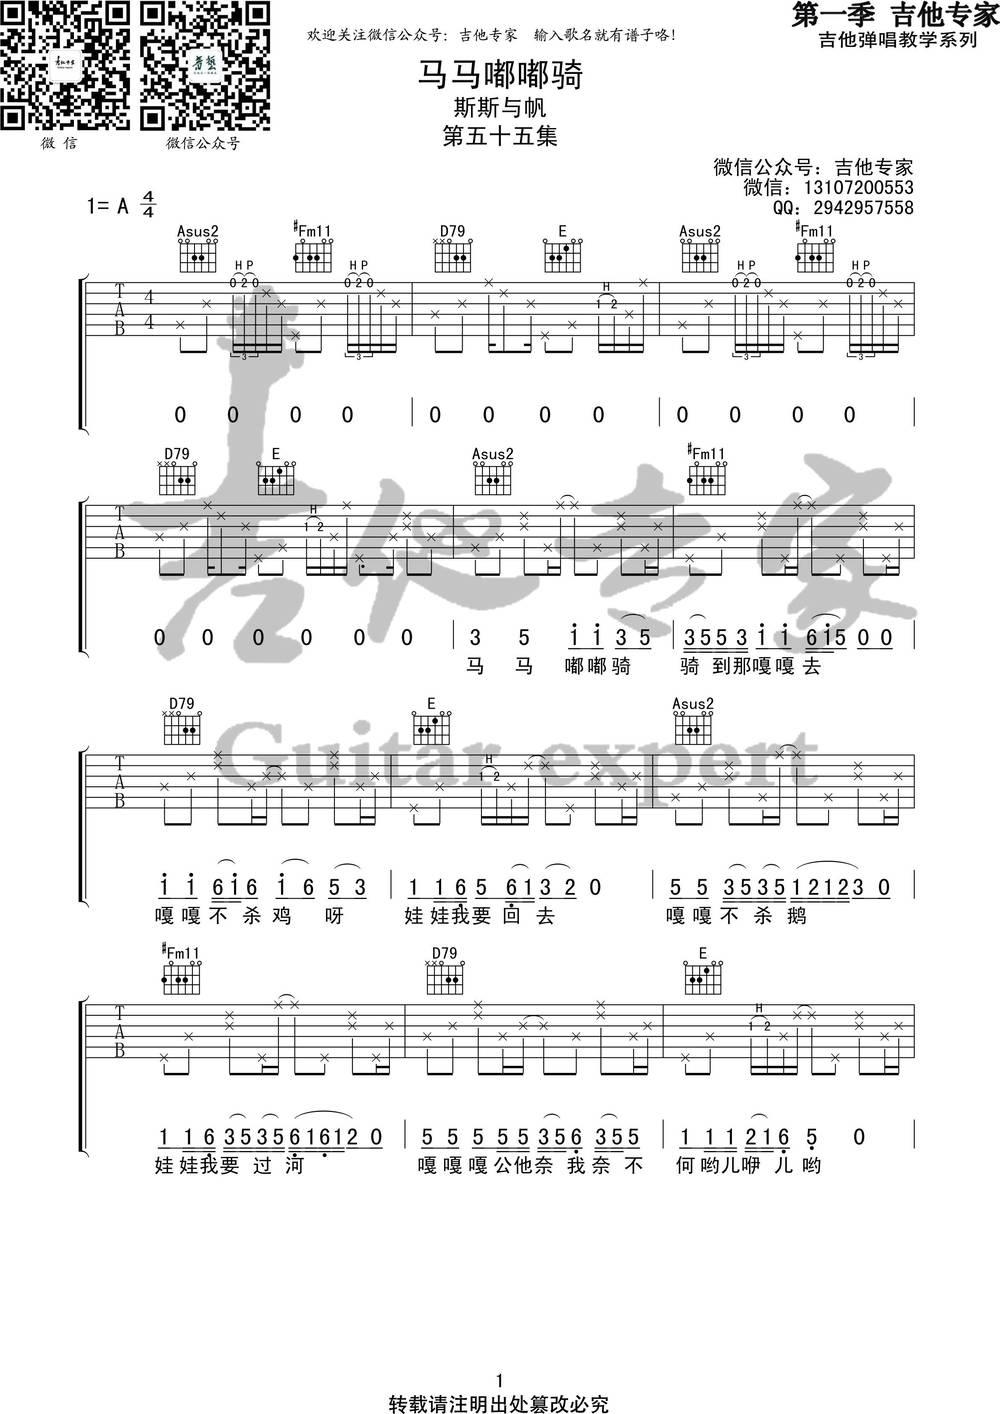 马马嘟嘟骑吉他谱